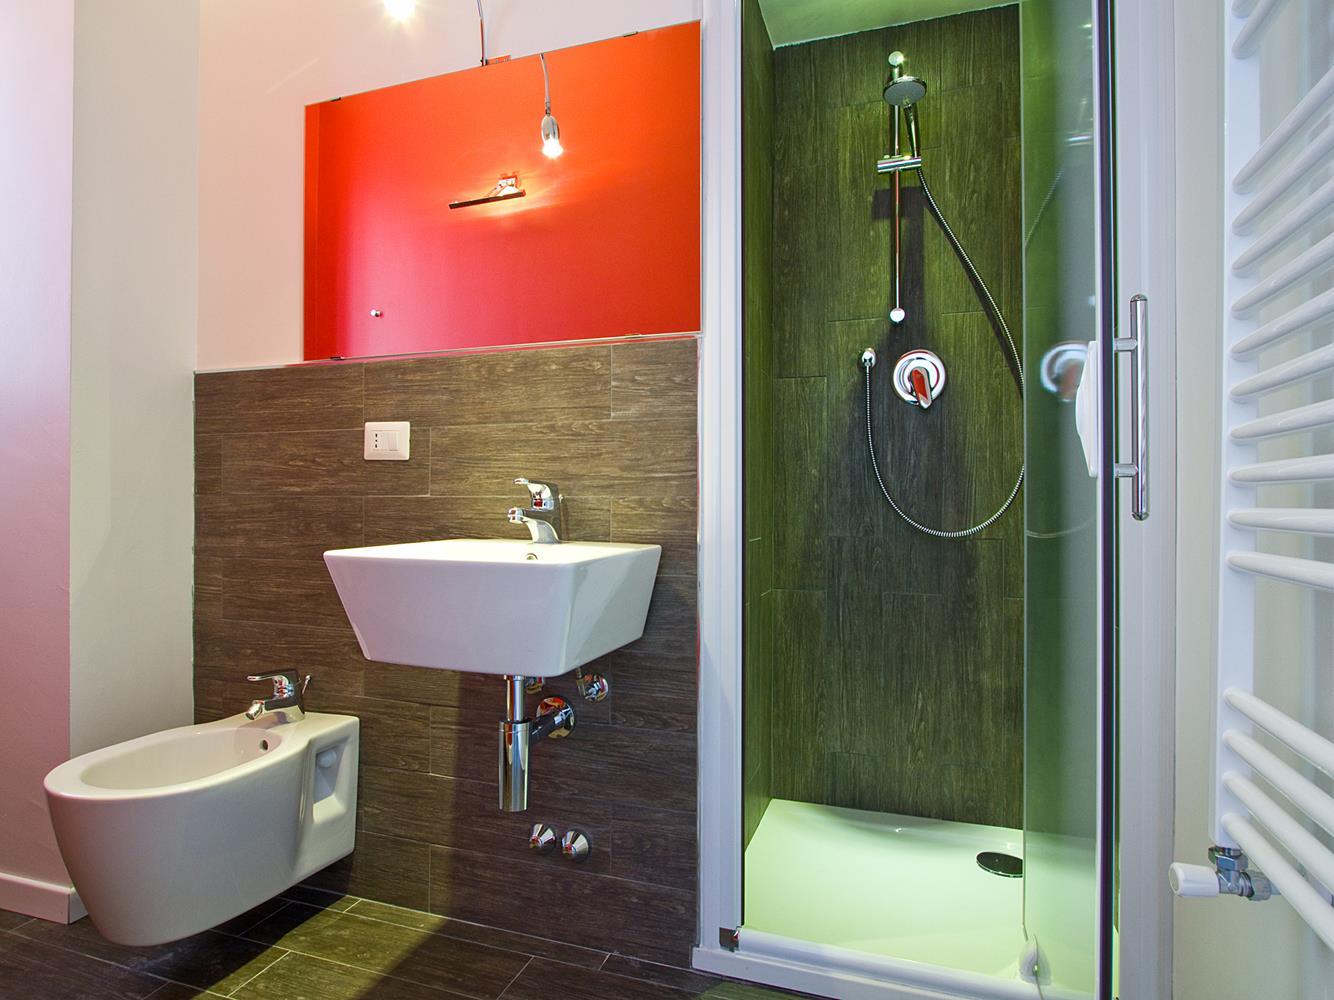 Cherry bathroom hello milano b&b